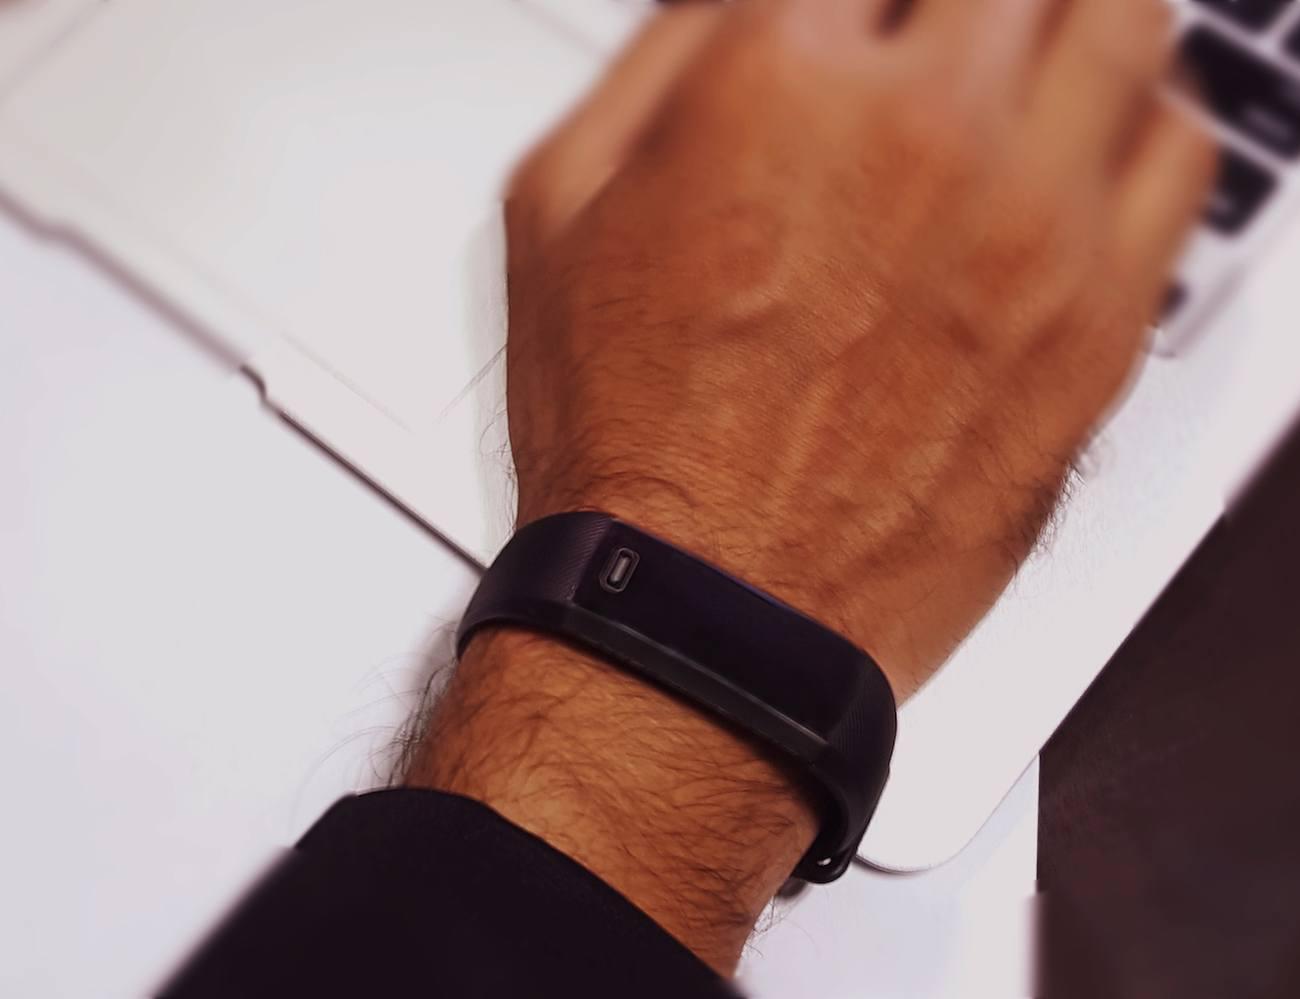 Pearls Band – Health Monitoring Wrist Band